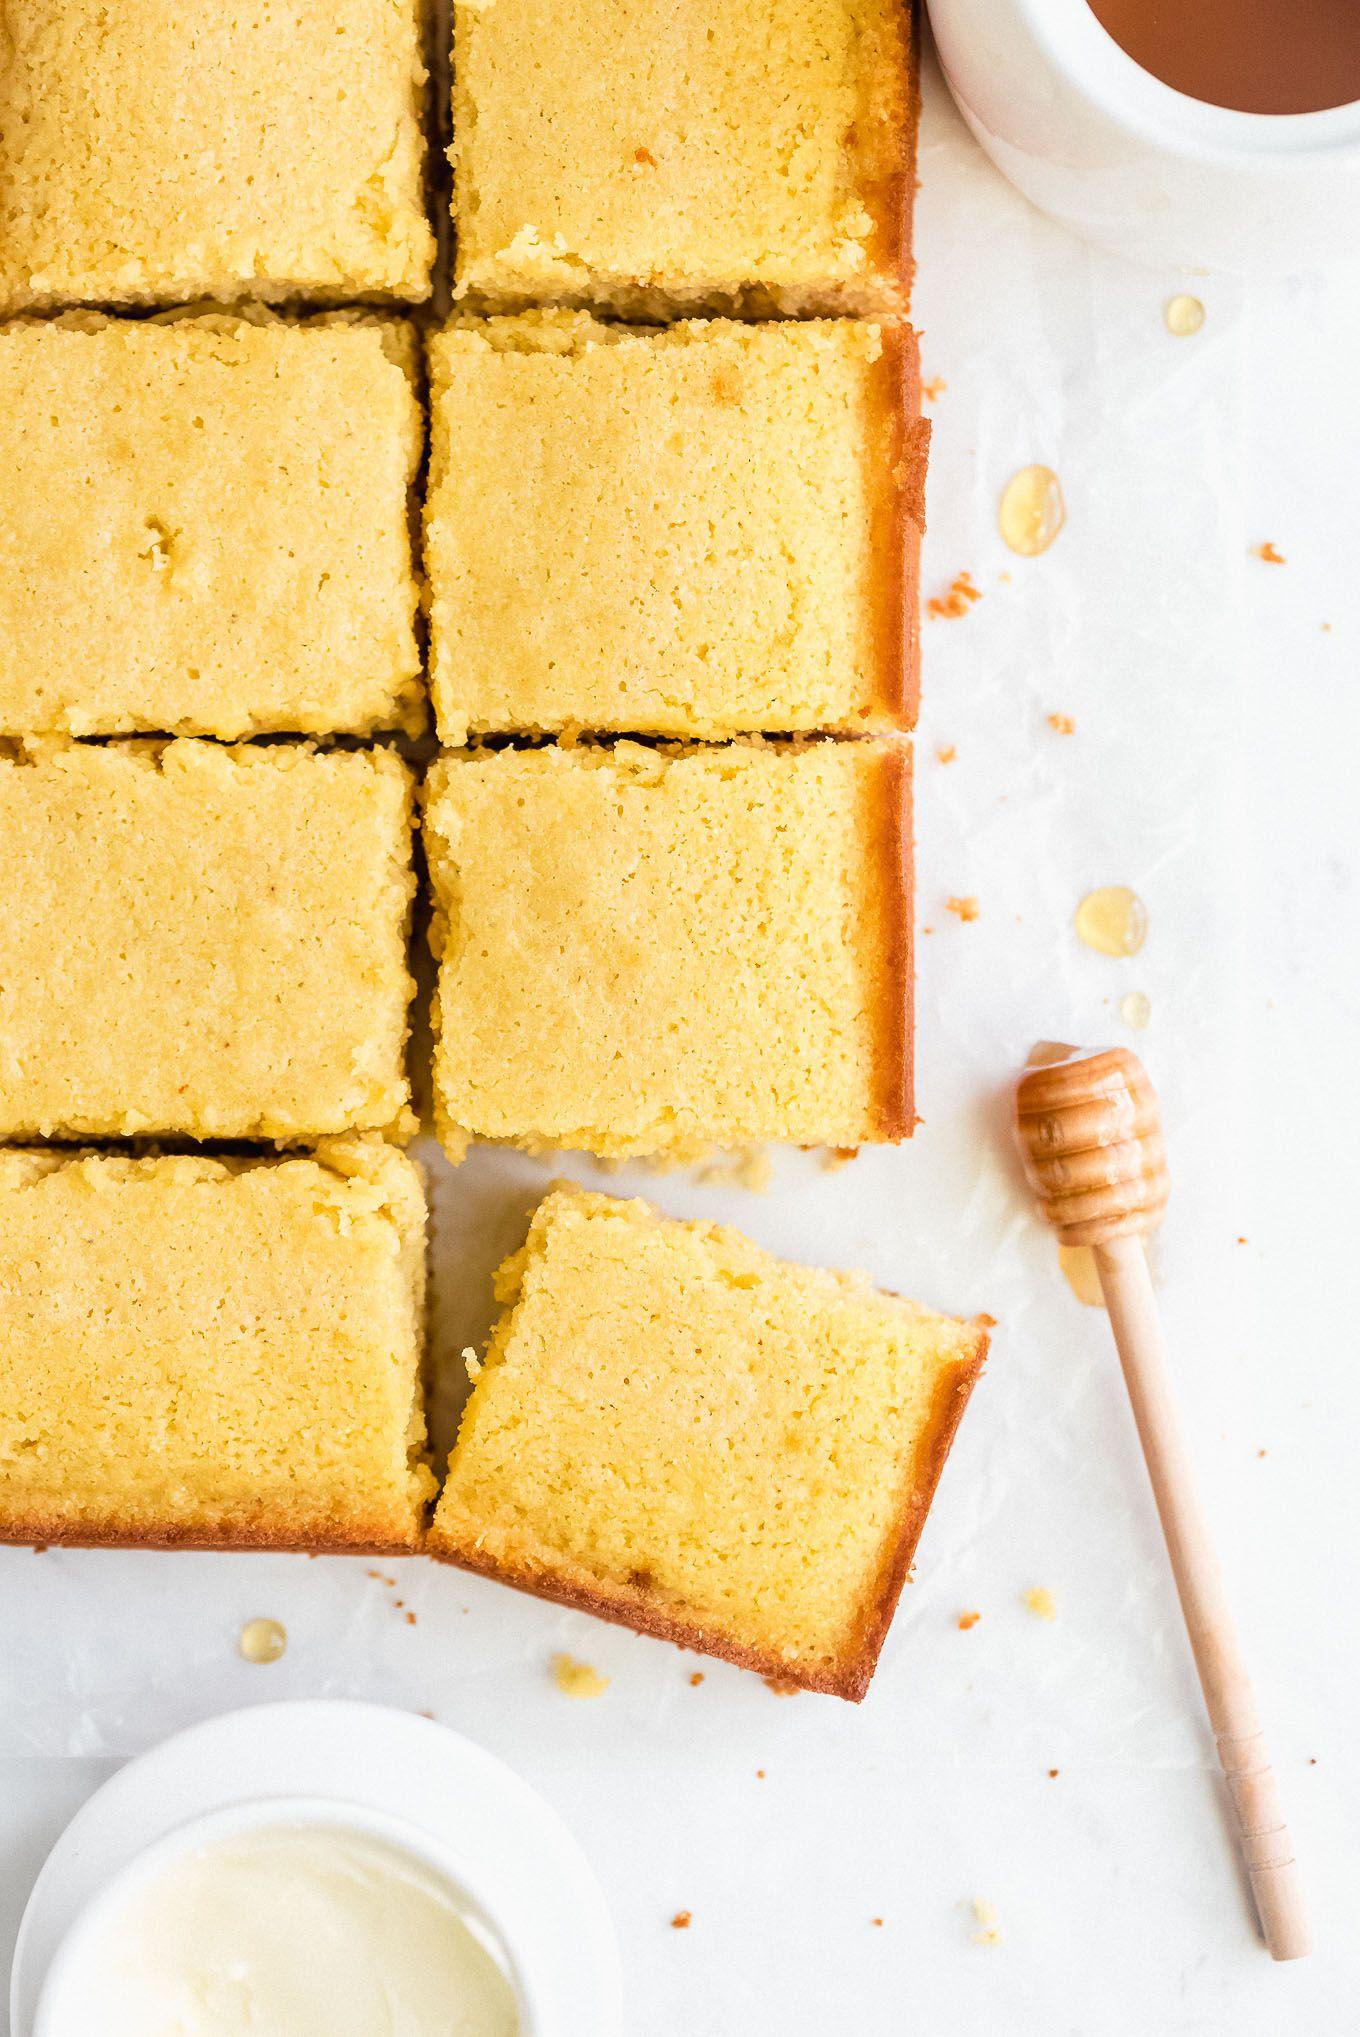 The Best Buttermilk Cornbread Garnish Glaze Recipe In 2020 Buttermilk Cornbread Cornbread Delicious Cornbread